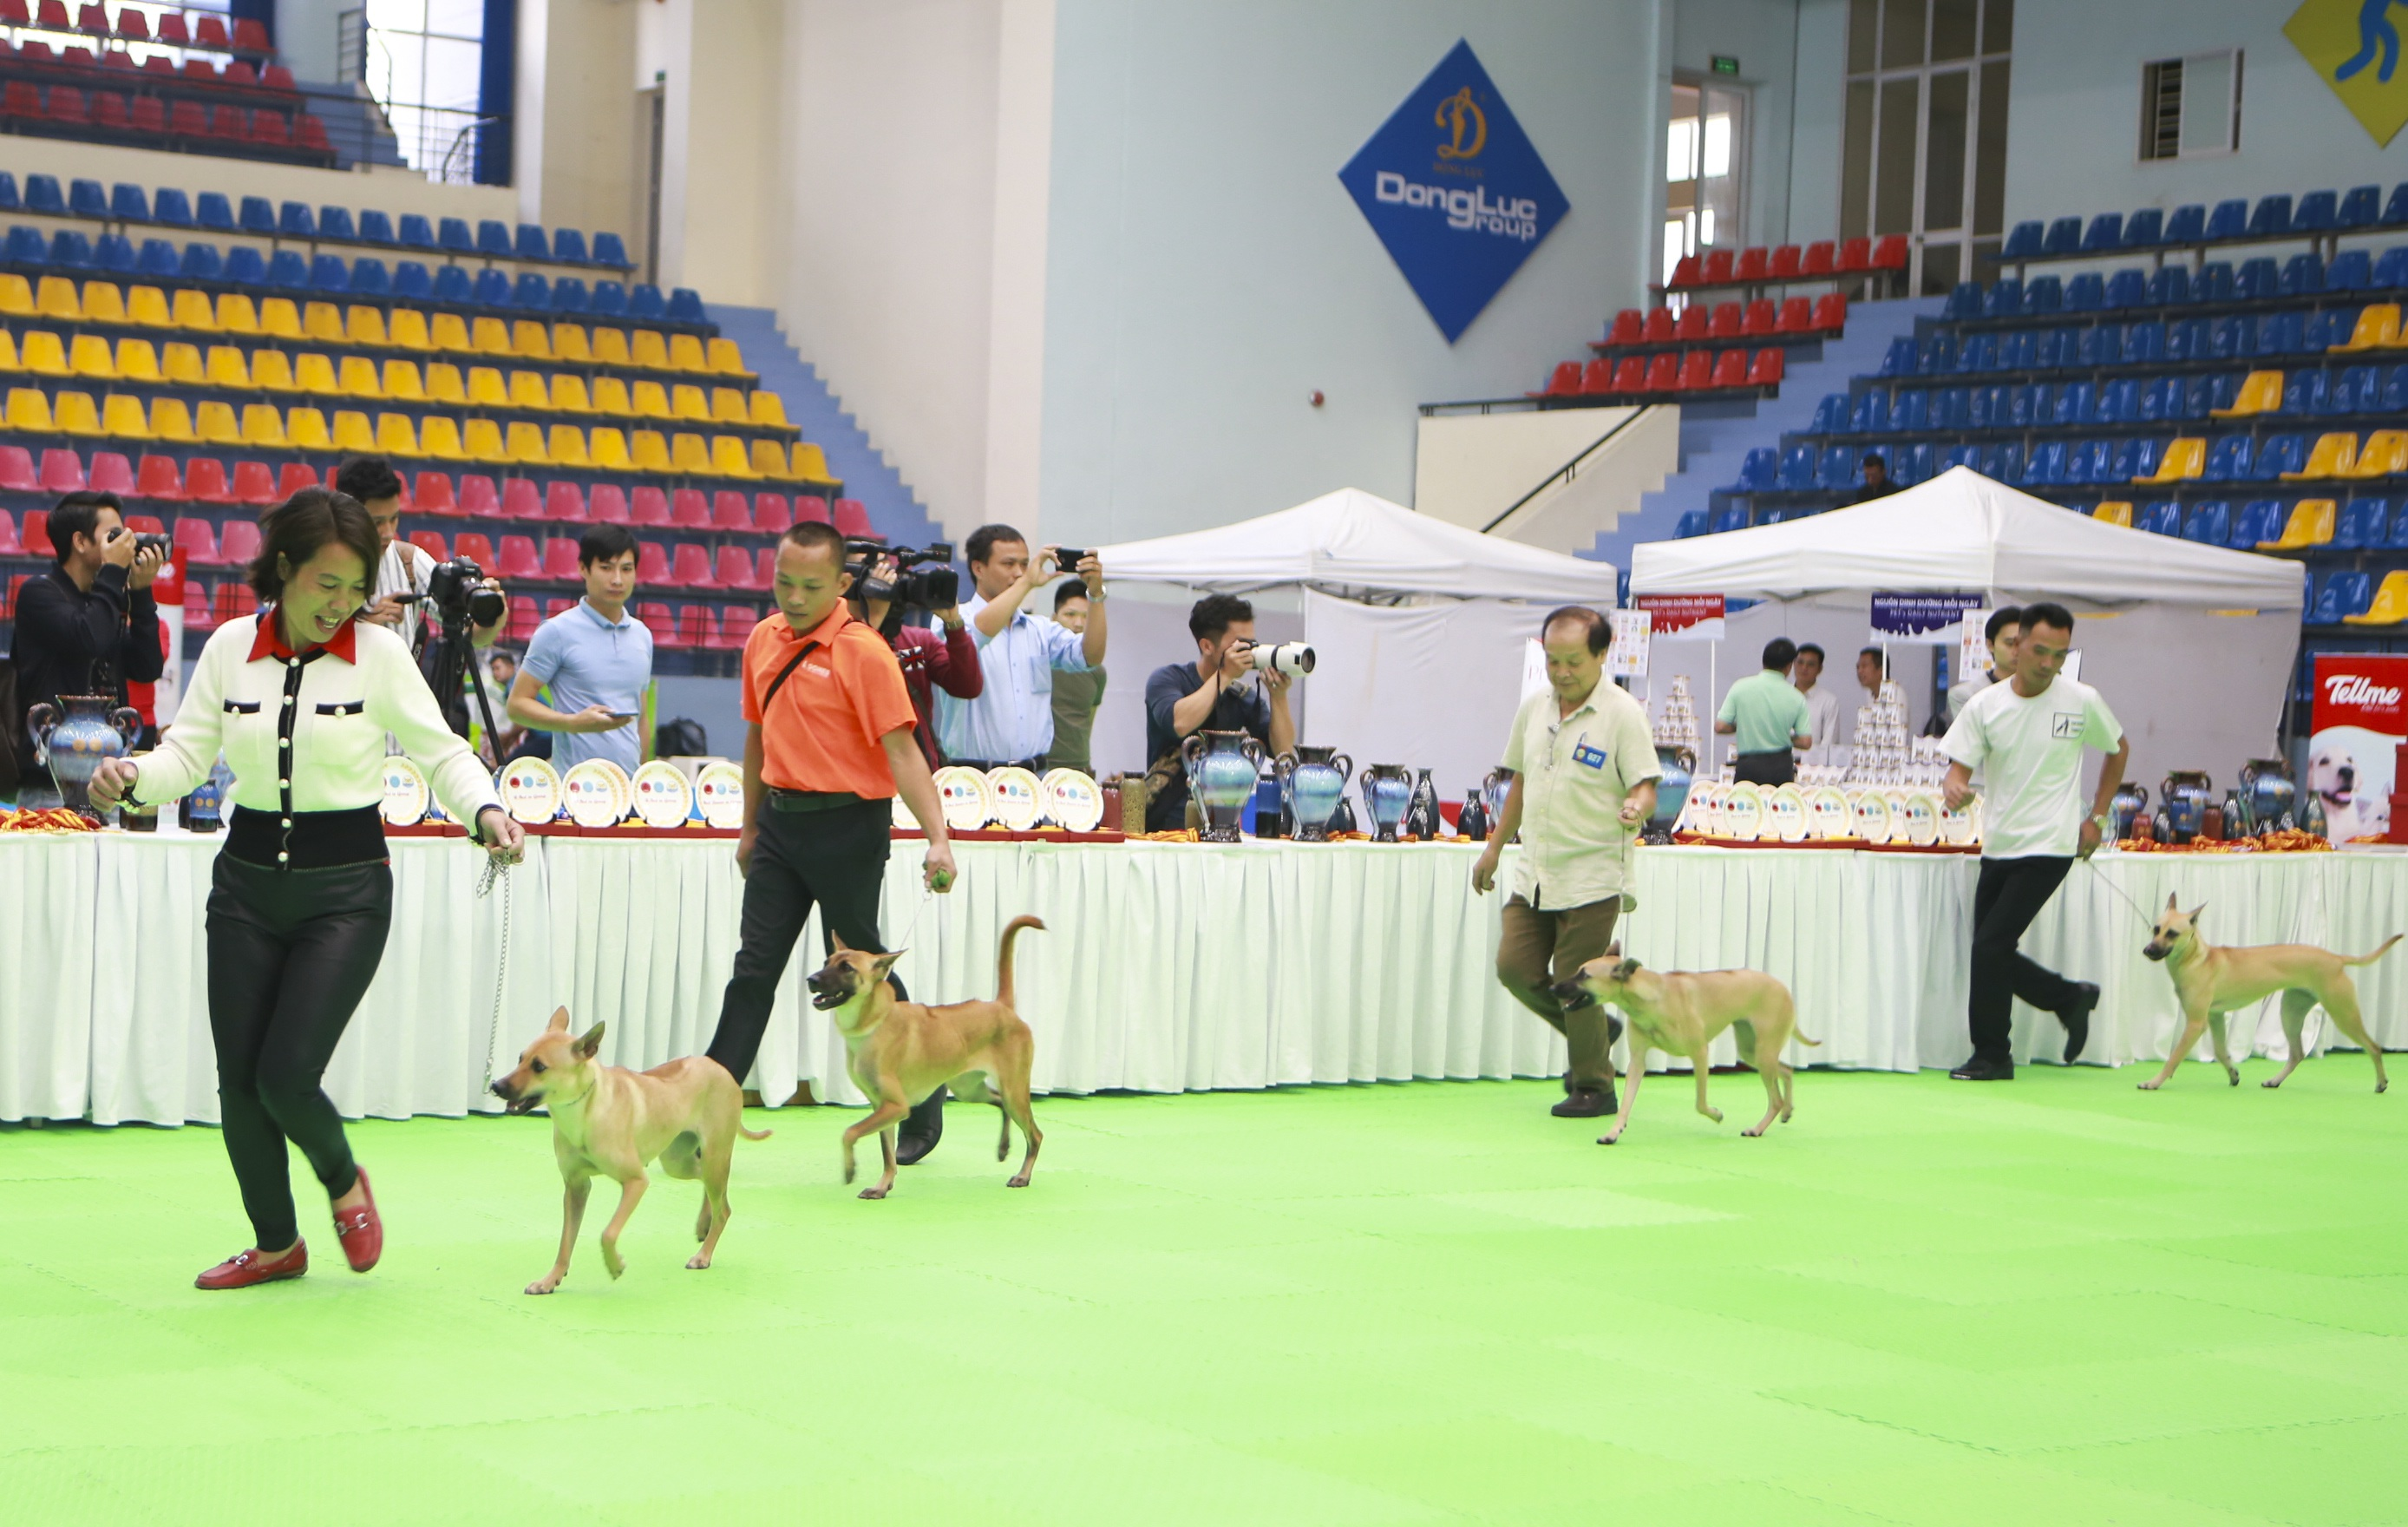 Hơn 200 chú chó quý tộc giá nghìn USD thi tài giành danh hiệu tại Hà Nội - 1